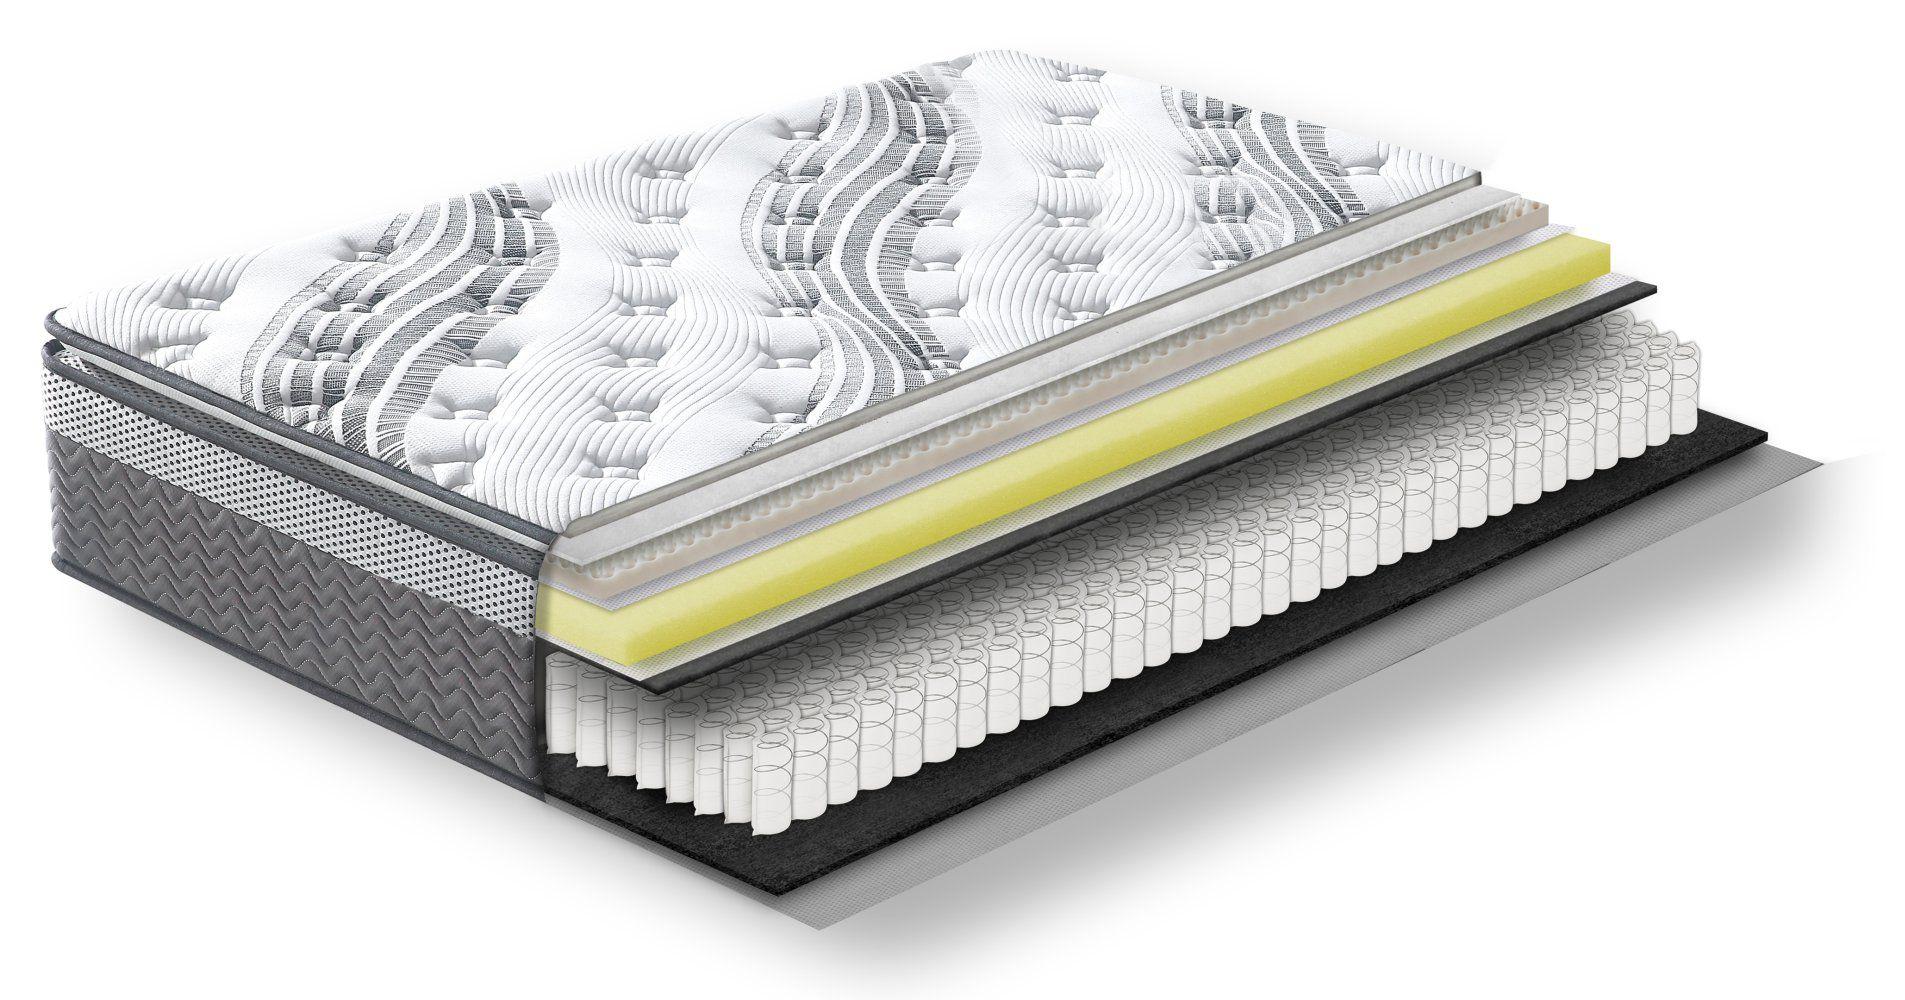 Steiner Premium matras Relax met pocketveren kern - afmeting: 90 x 190 cm, hardheidsgraad H3-H4, hoogte: 33 cm